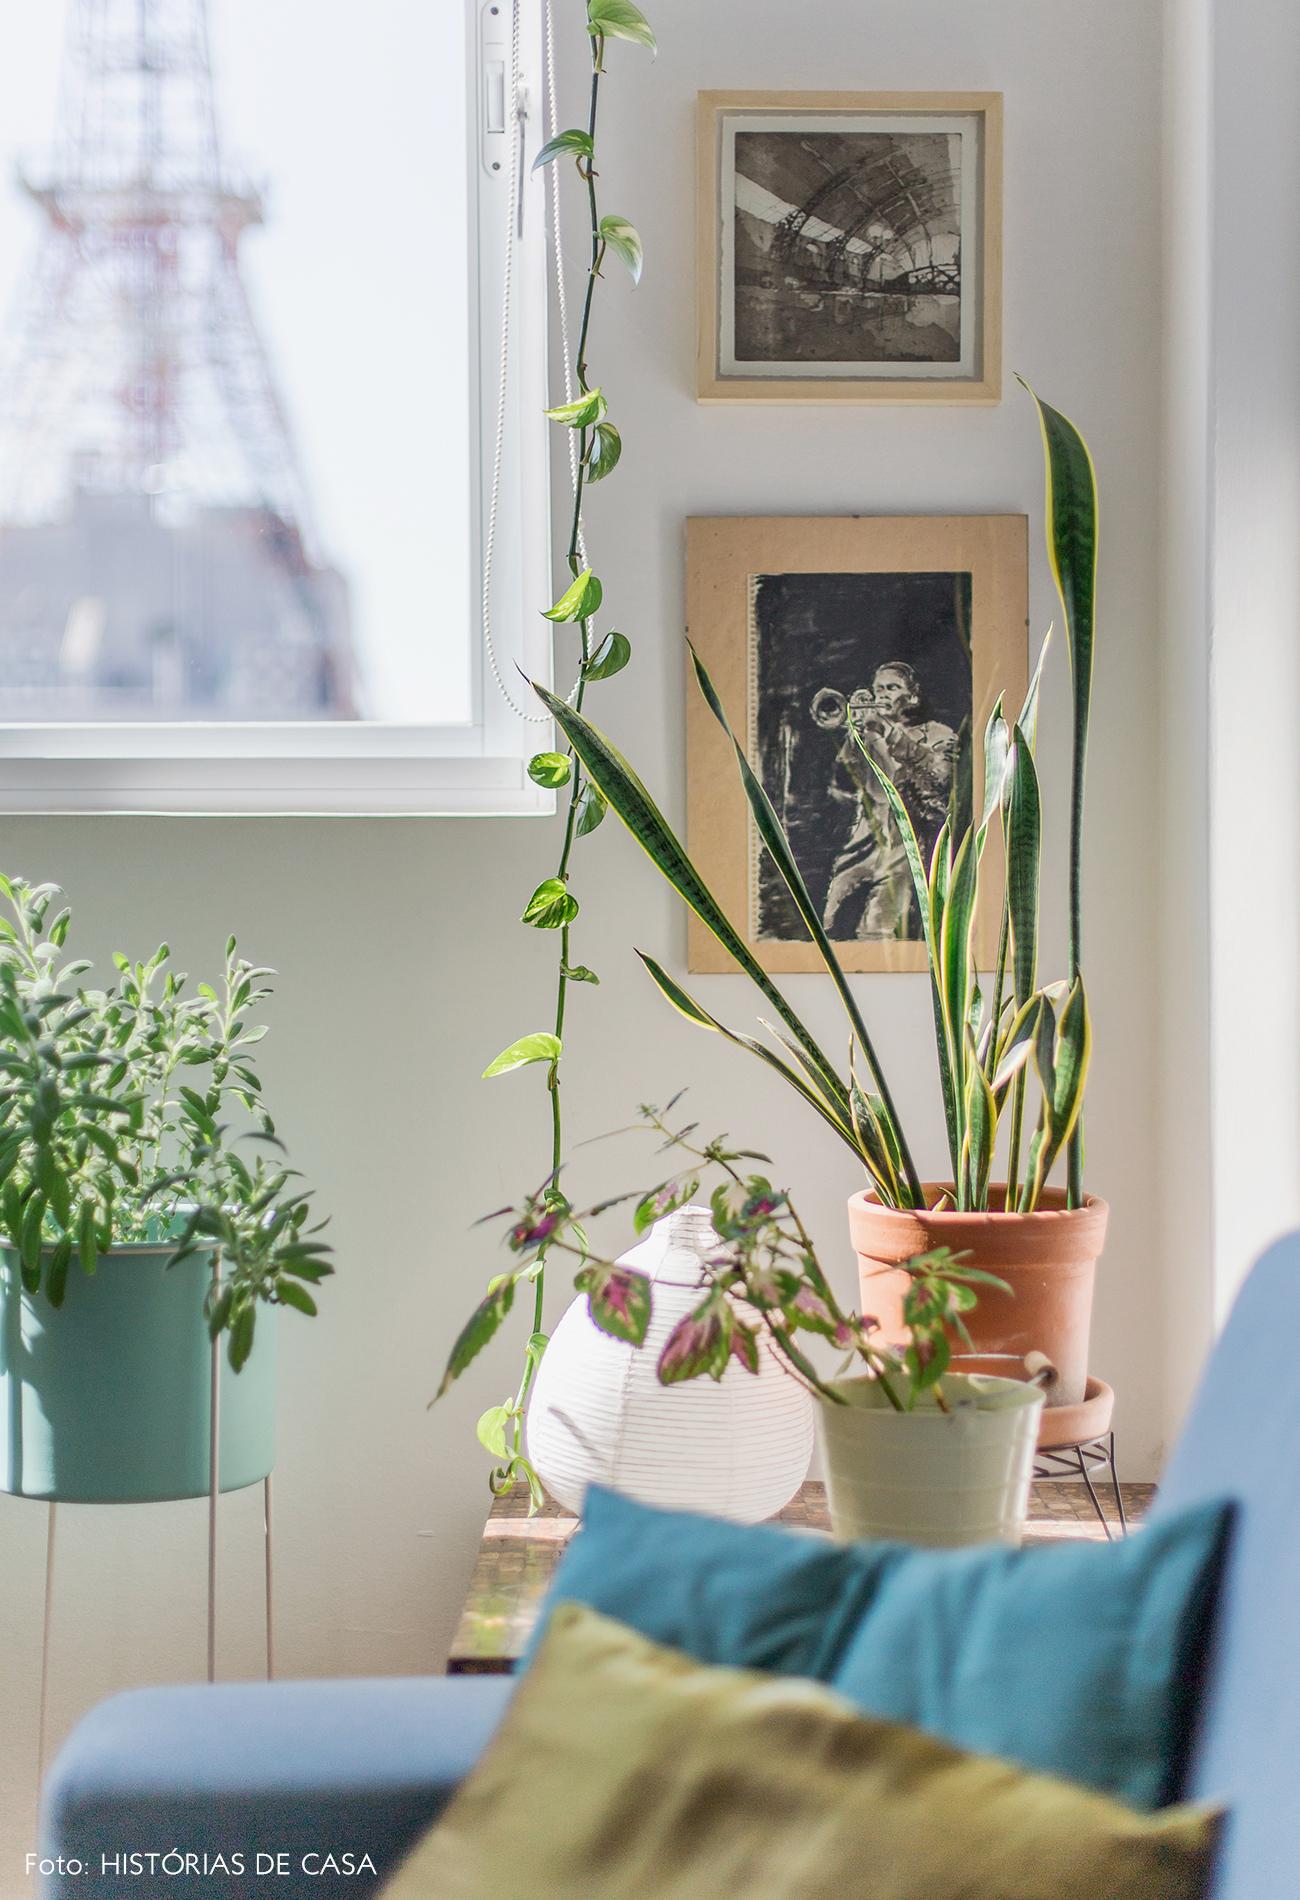 Vasos na mesa lateral ao lado da janela, plantas em apartamento